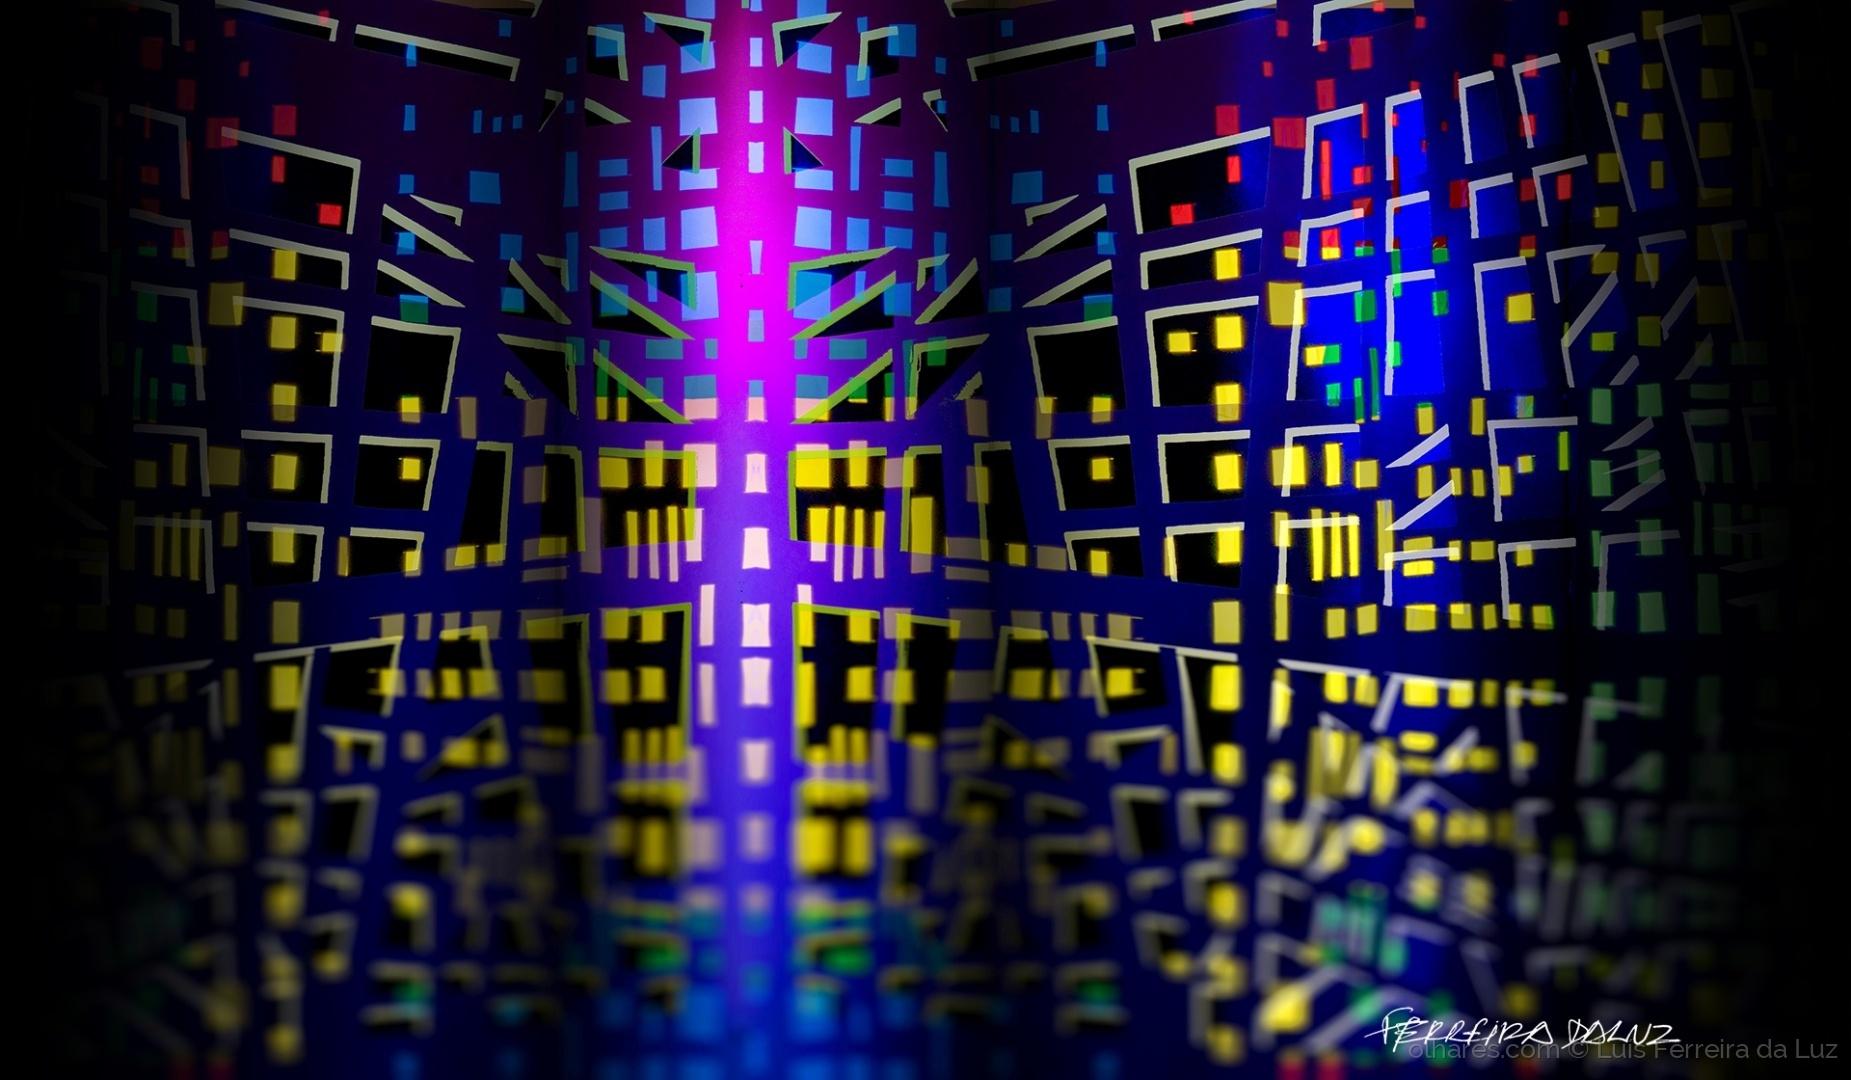 Outros/Digital night city